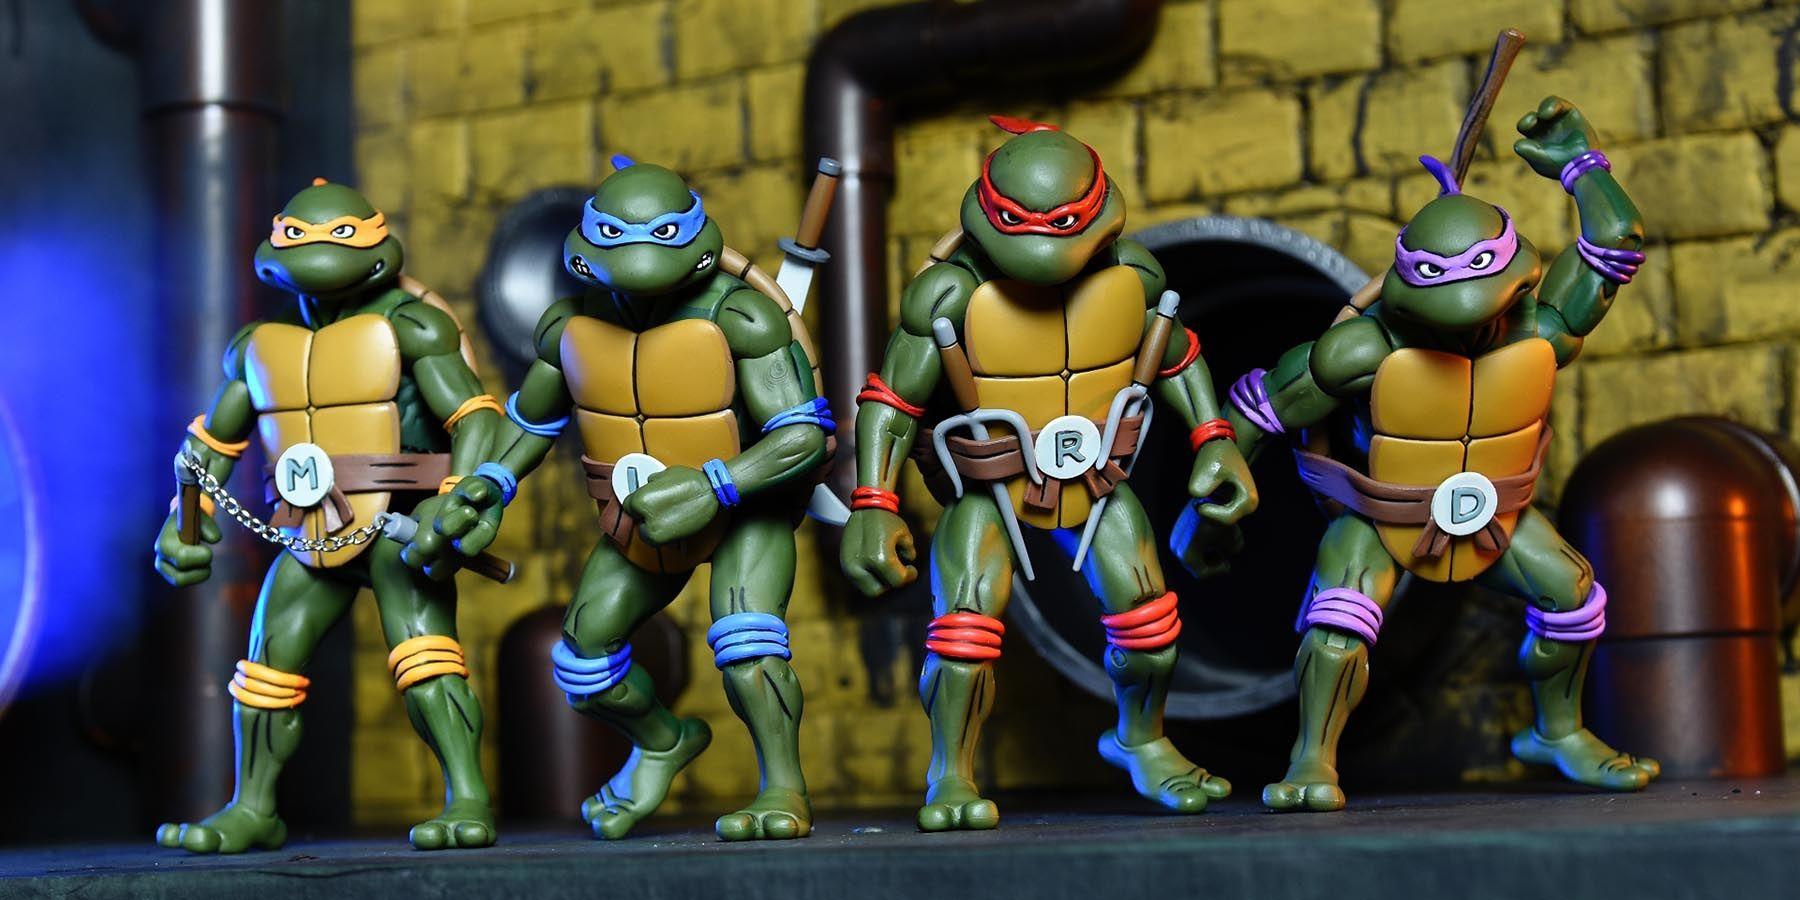 NECA 2018 SDCC TMNT Teenage Mutant Ninja Turtles The Figures Boxed Toy